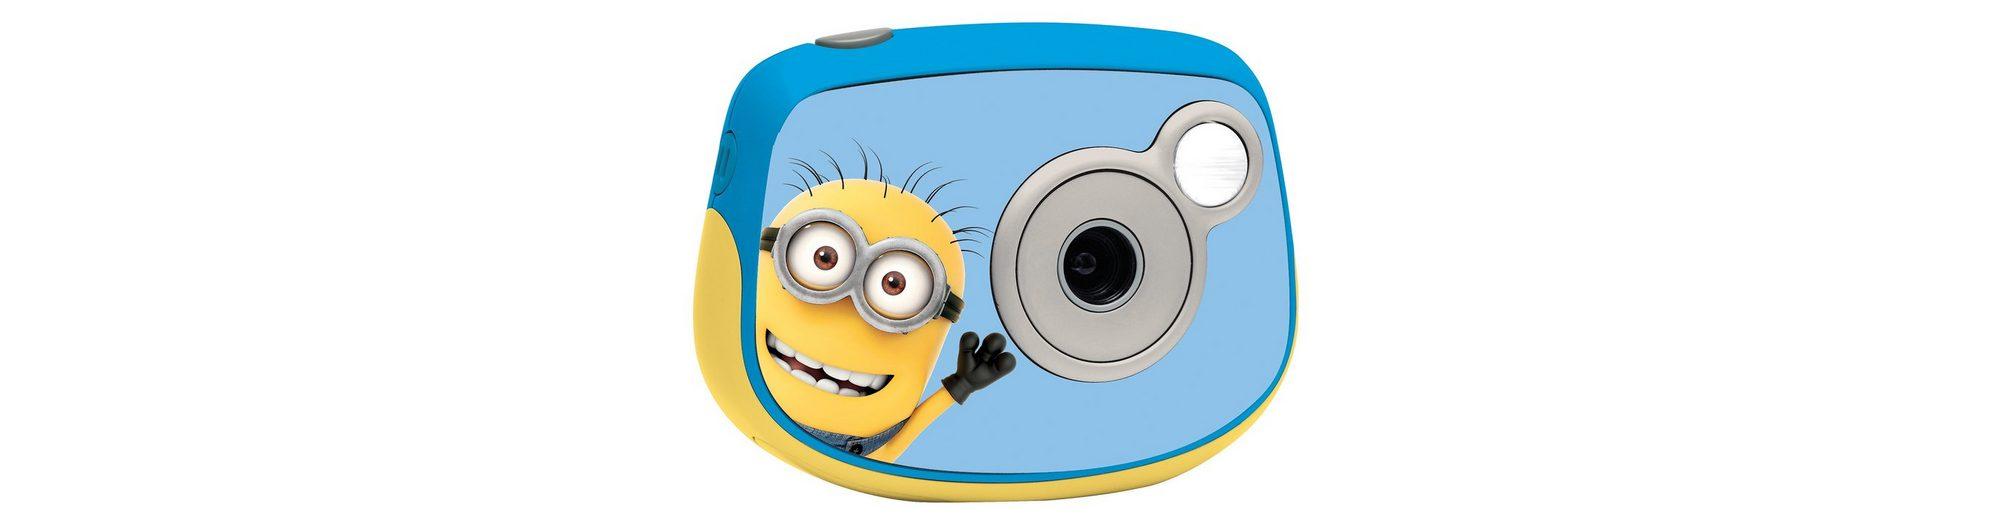 Digitalkamera, »Ich, einfach unverbesserlich«, Lexibook